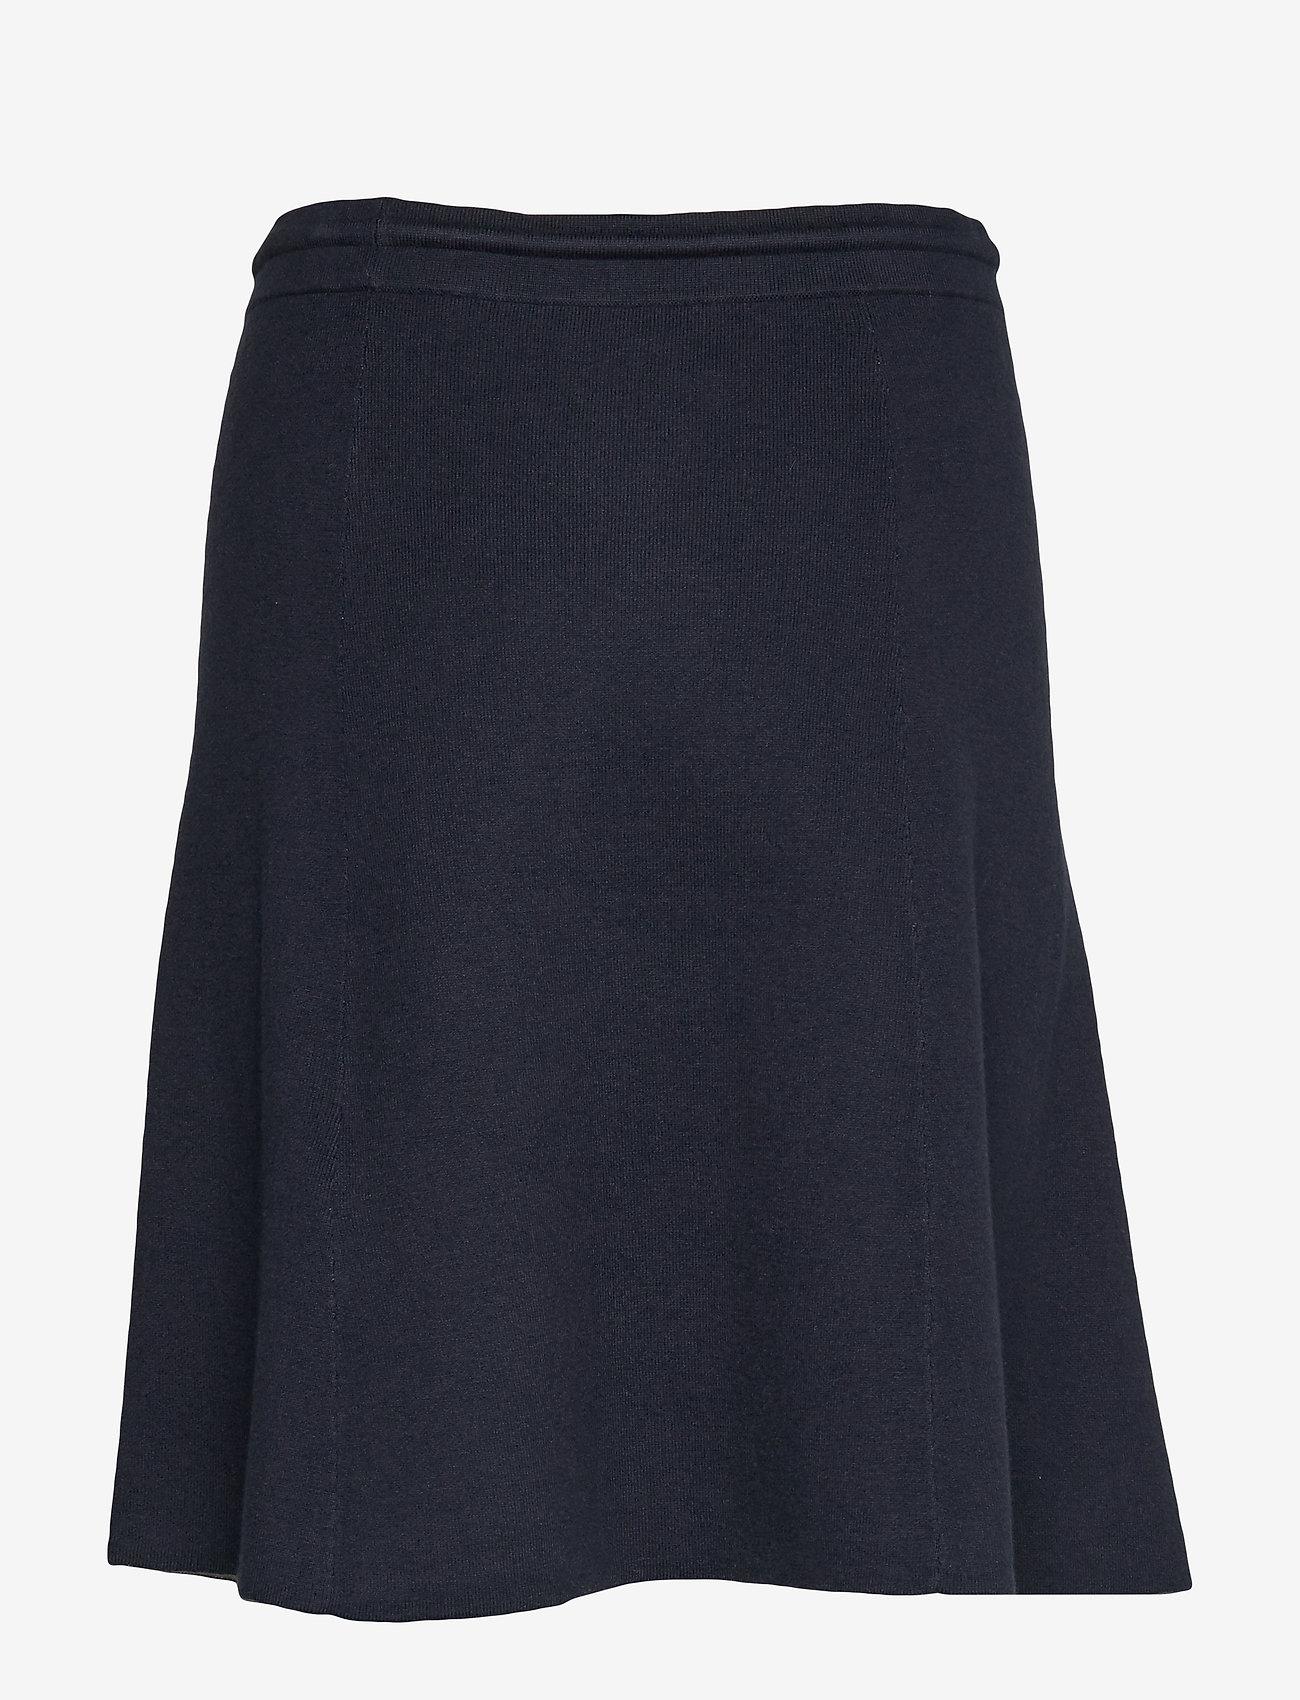 Heavy Knit Skirt, Doubleface (Midnight Sea) (1039.35 kr) - Marc O'Polo